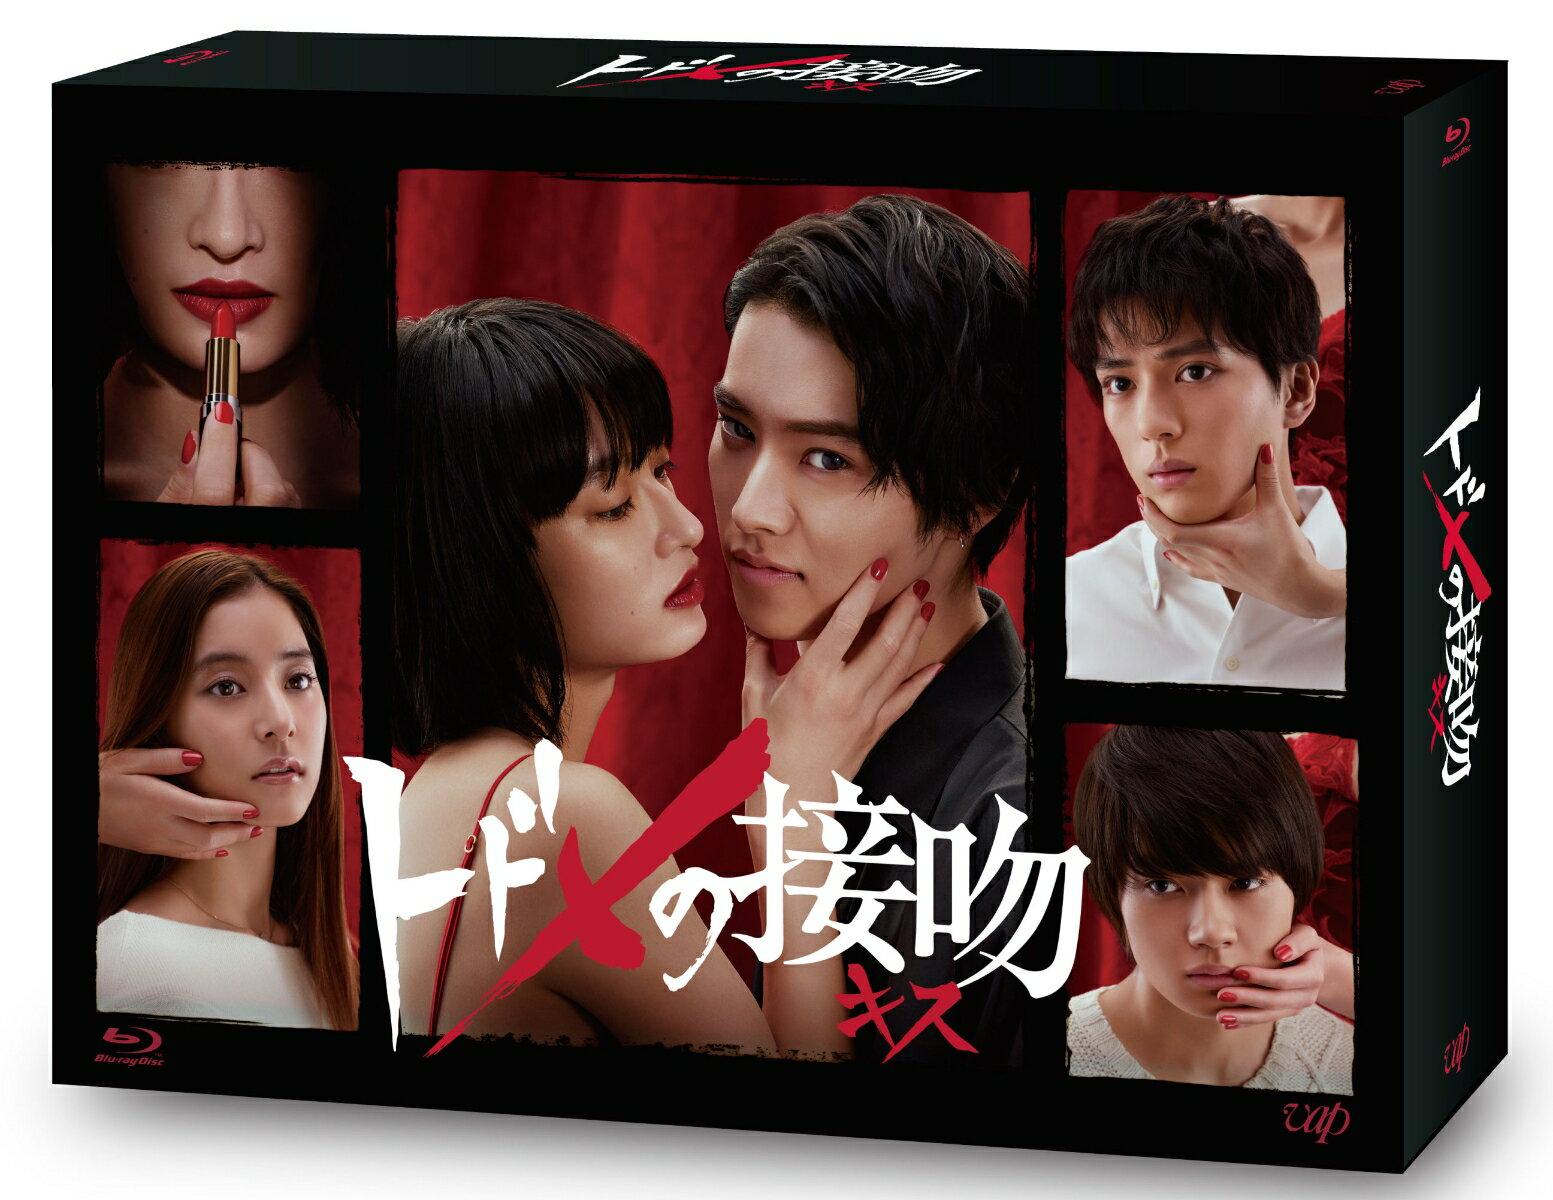 トドメの接吻 Blu-ray BOX【Blu-ray】 [ 山崎賢人 ]